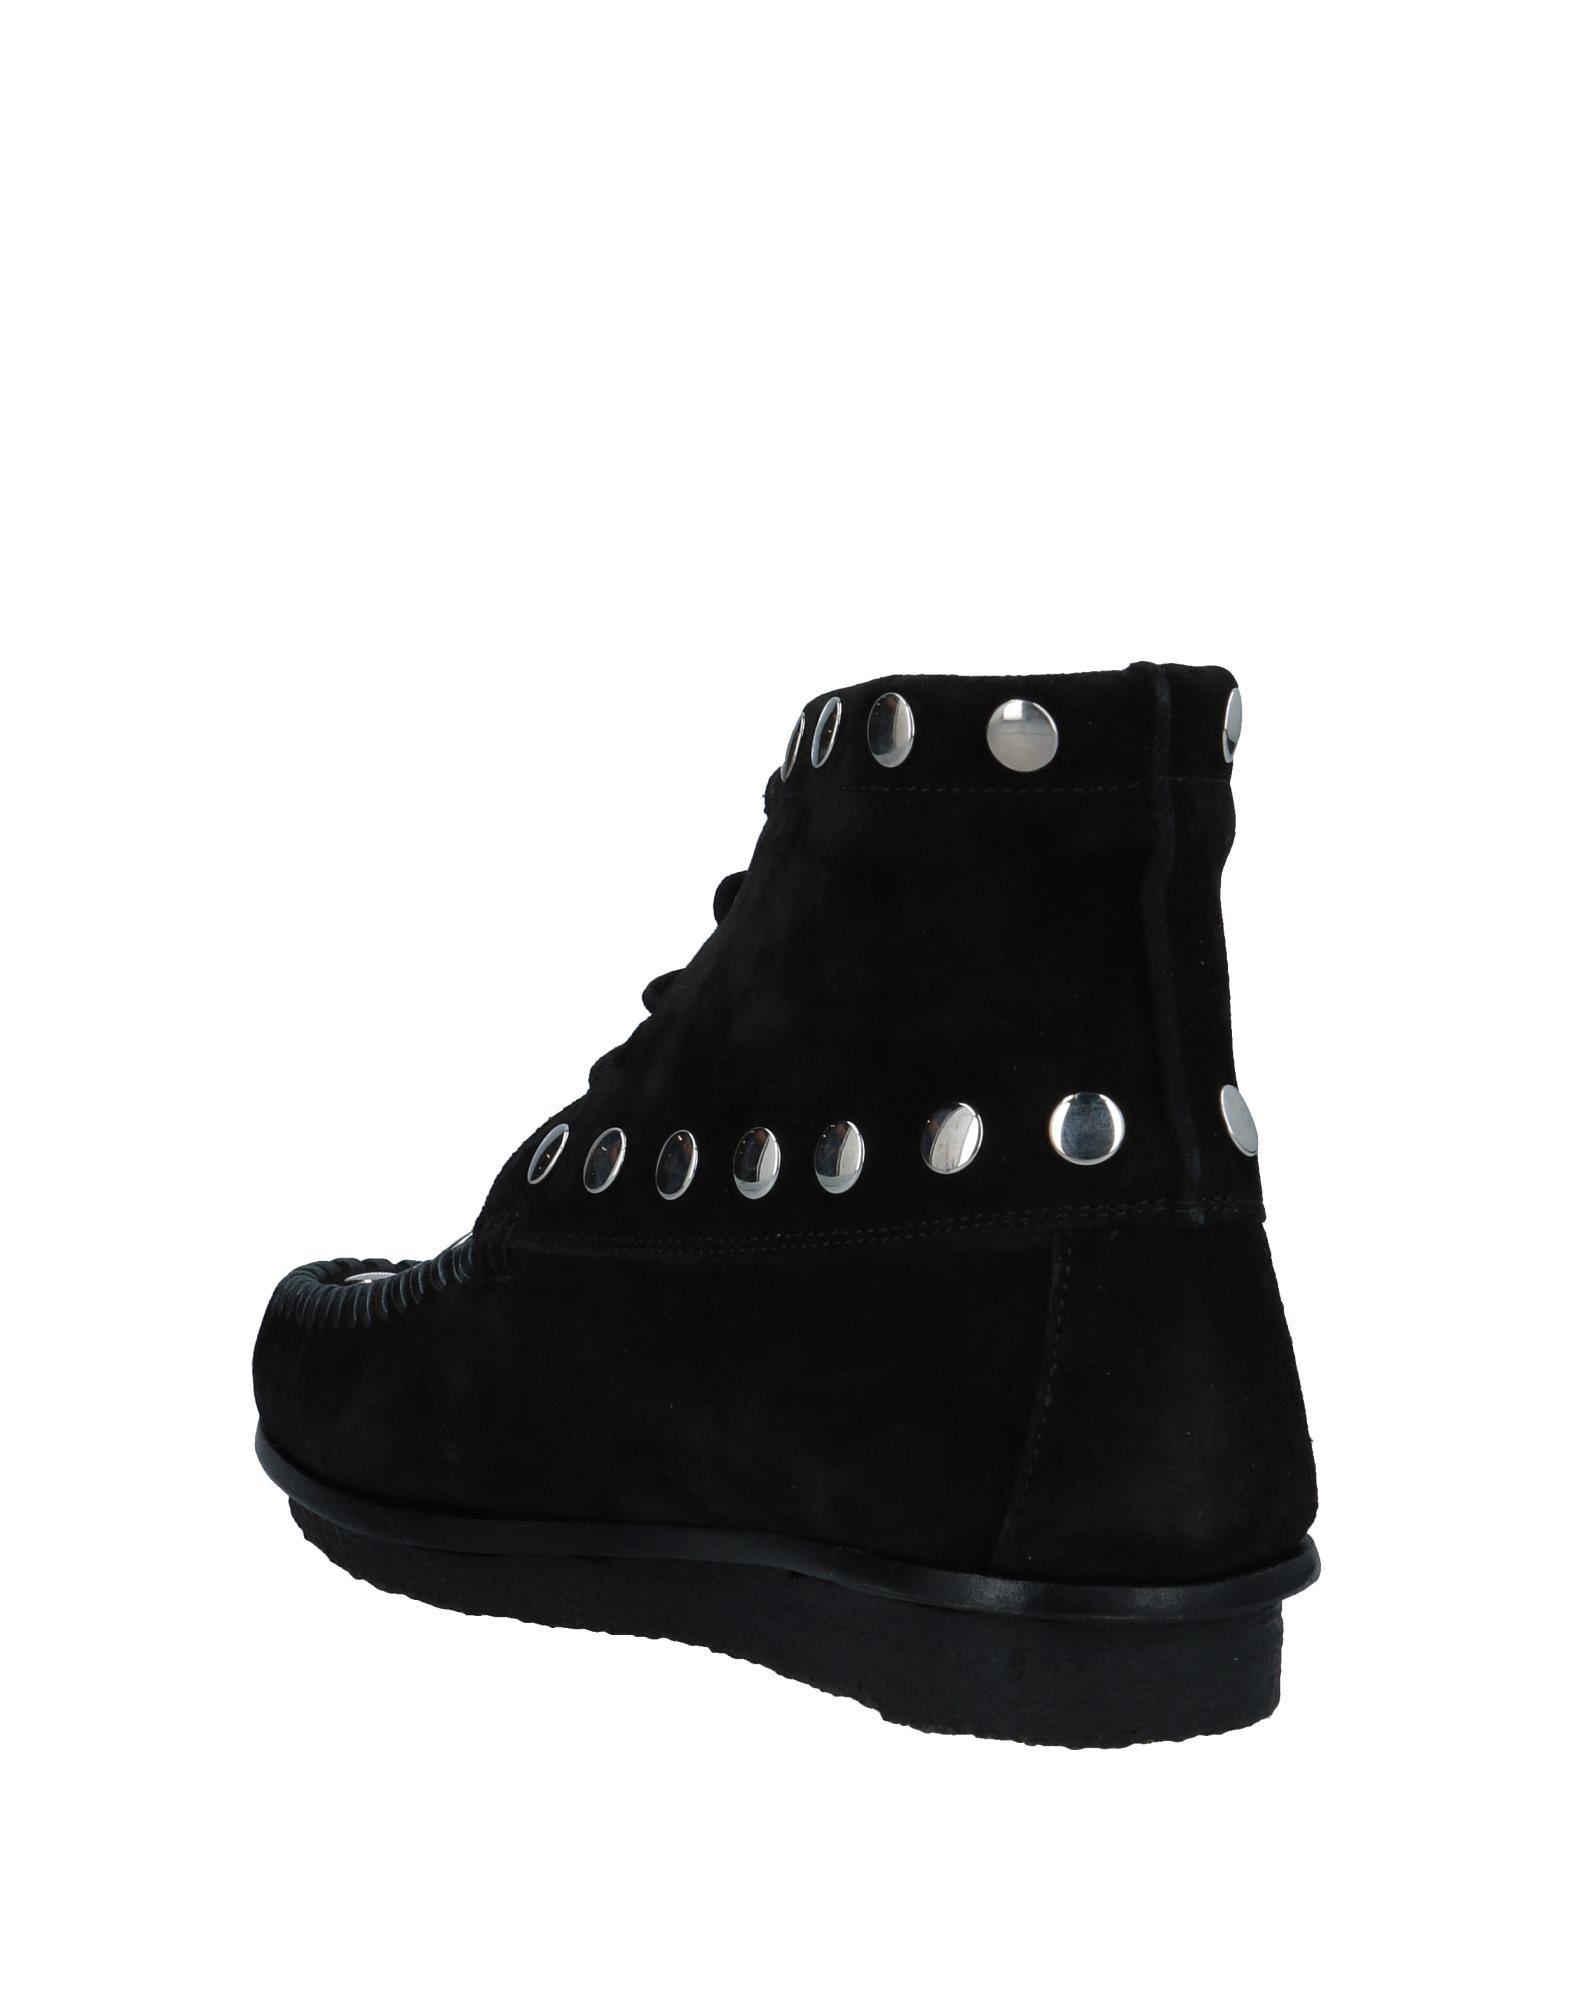 Giuseppe Zanotti Stiefelette Herren  11548058MN Gute Qualität beliebte Schuhe